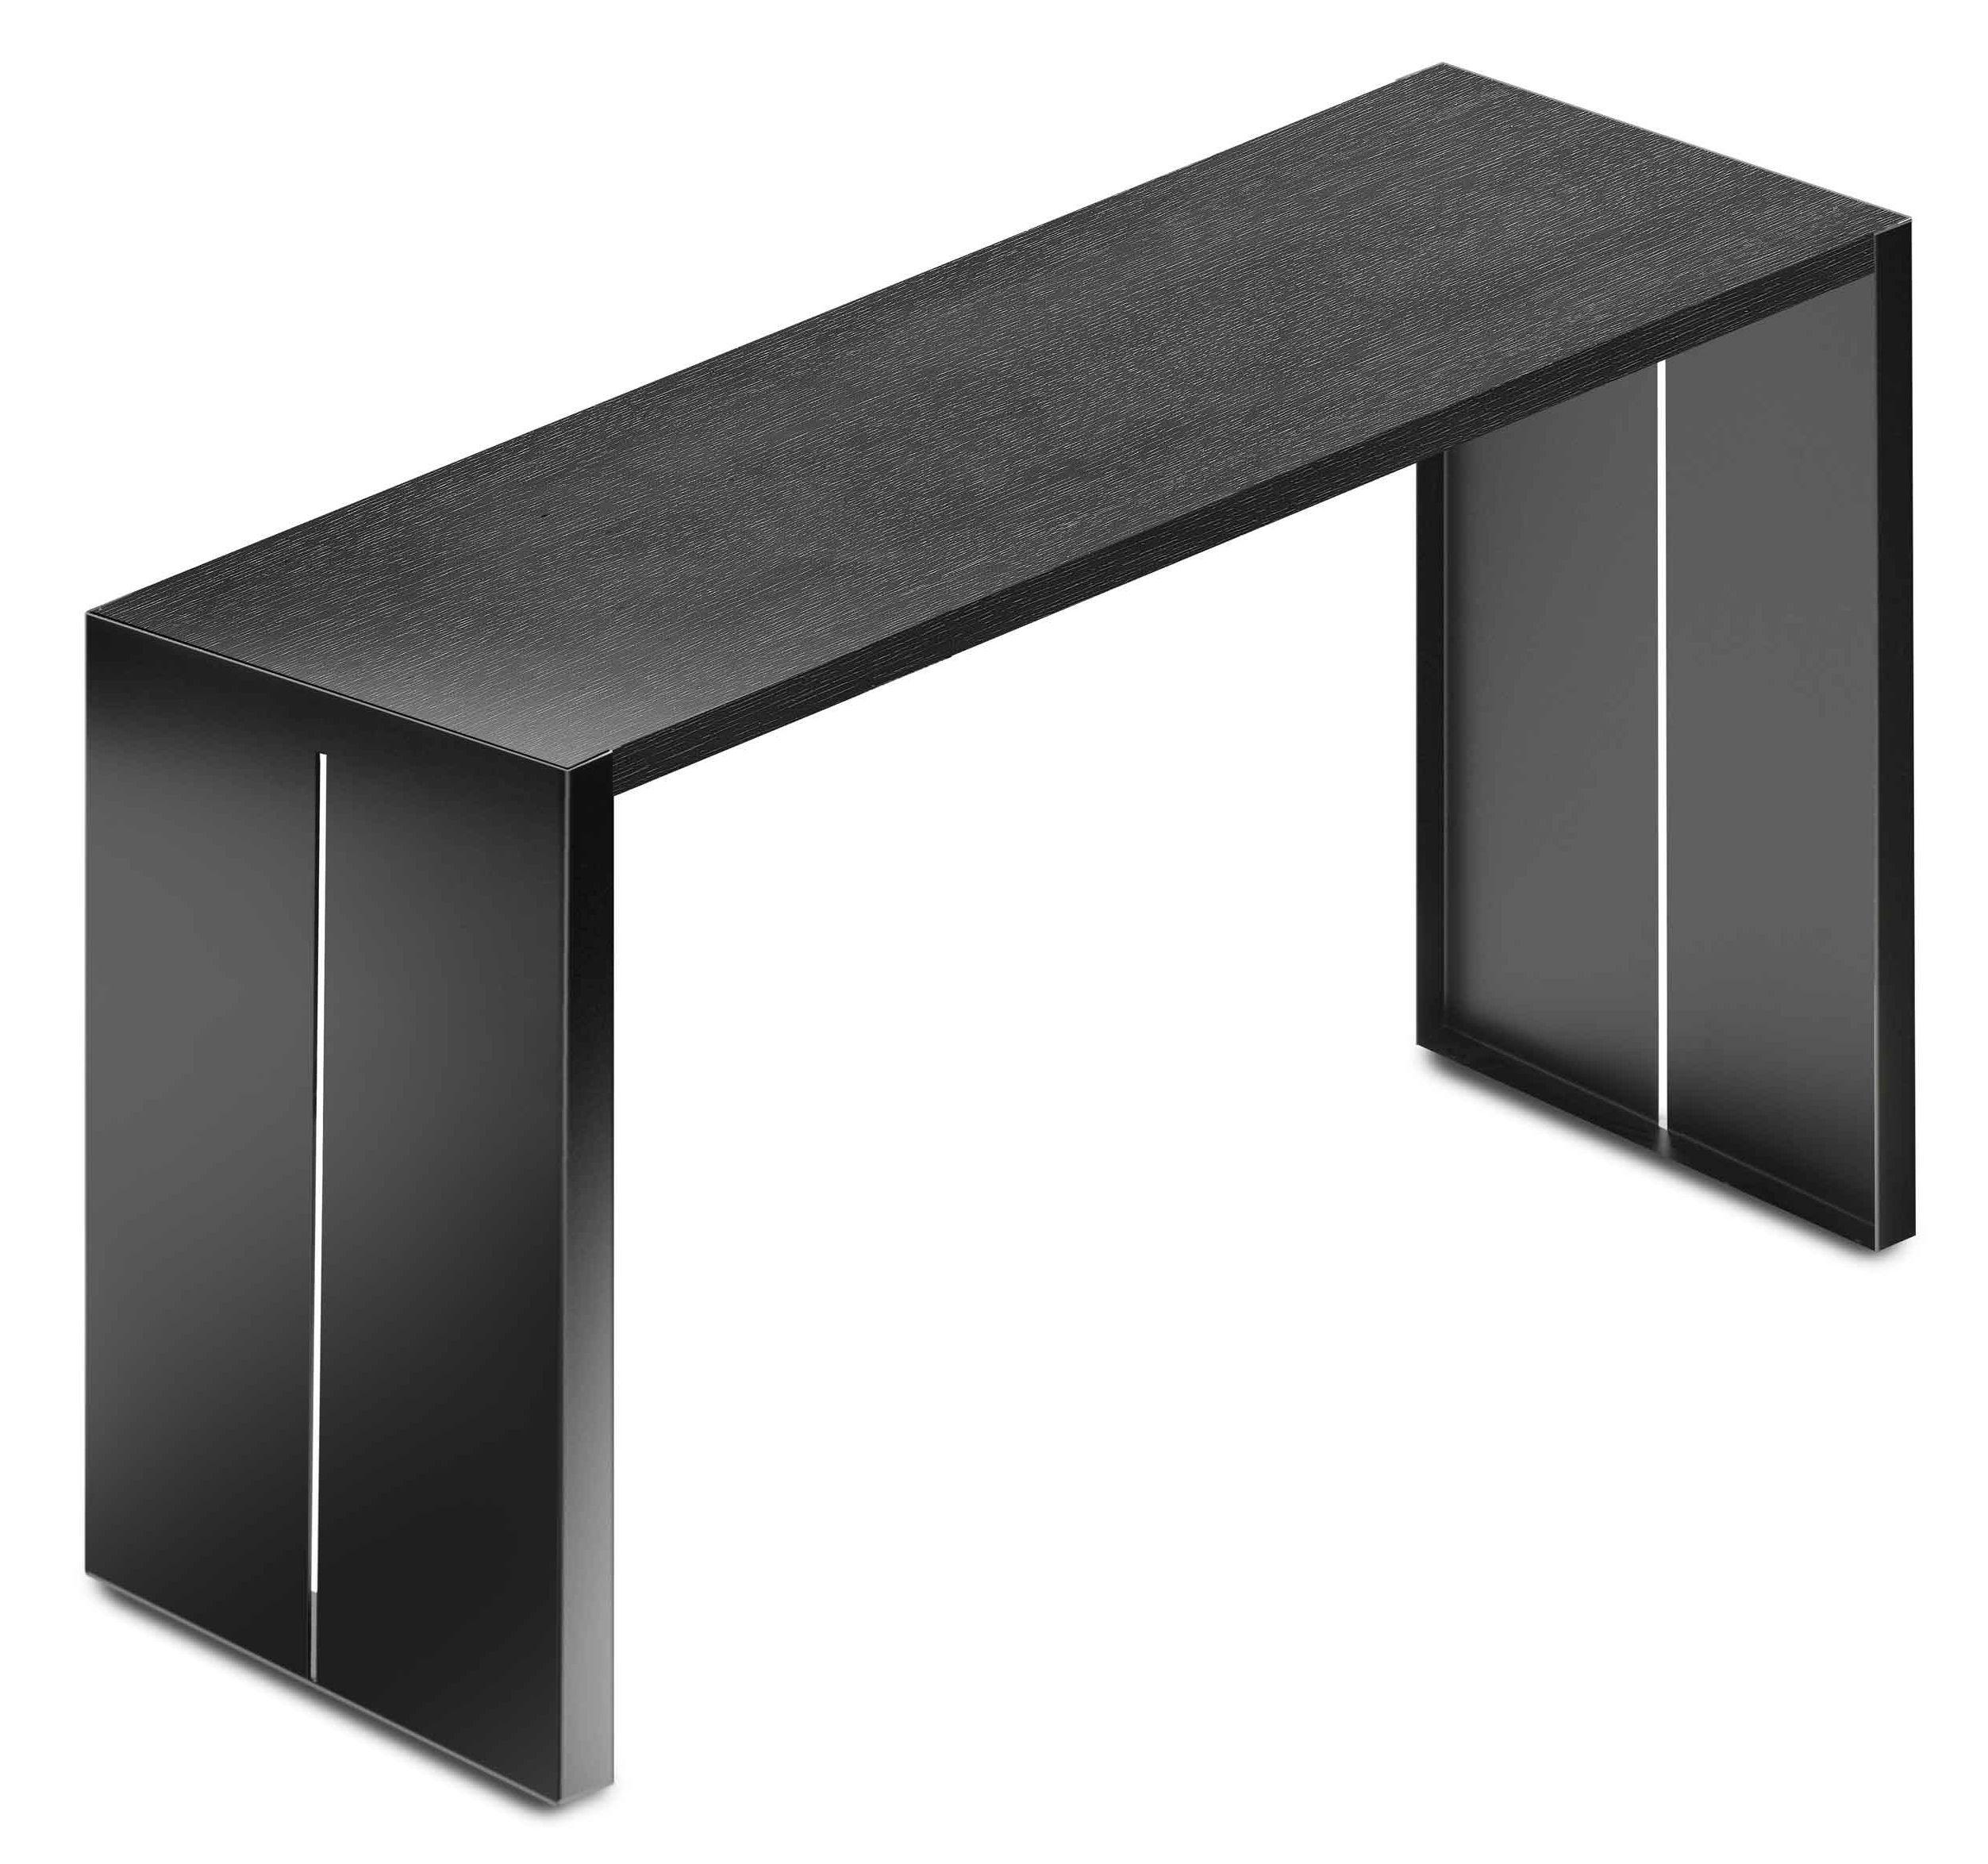 Möbel - Stehtische und Bars - Panco hoher Tisch H 110 cm - Lapalma - Schwarz - L 180 cm - epoxy-beschichtetes Metall, getönte Eiche